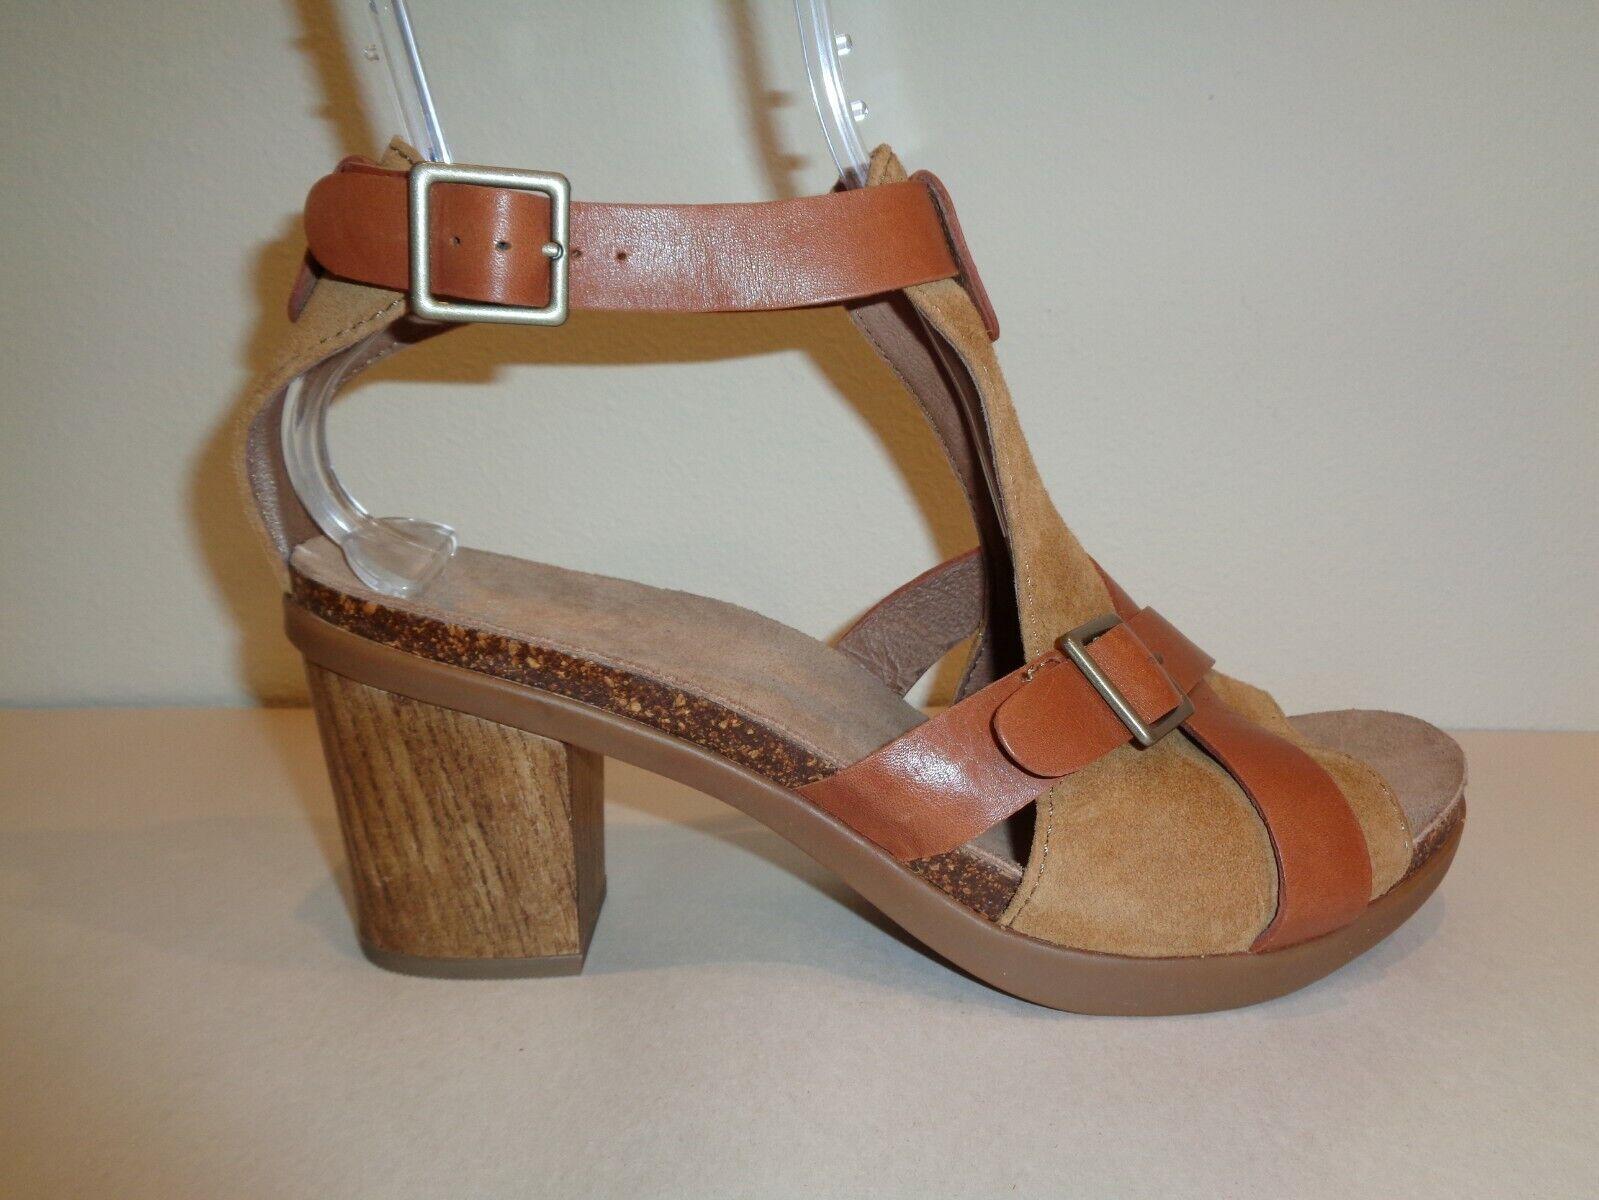 Dansko tamaño 10.5 a 11 Dominique Sandalias De Cuero Gamuza Marrón Nuevo Zapatos para mujer